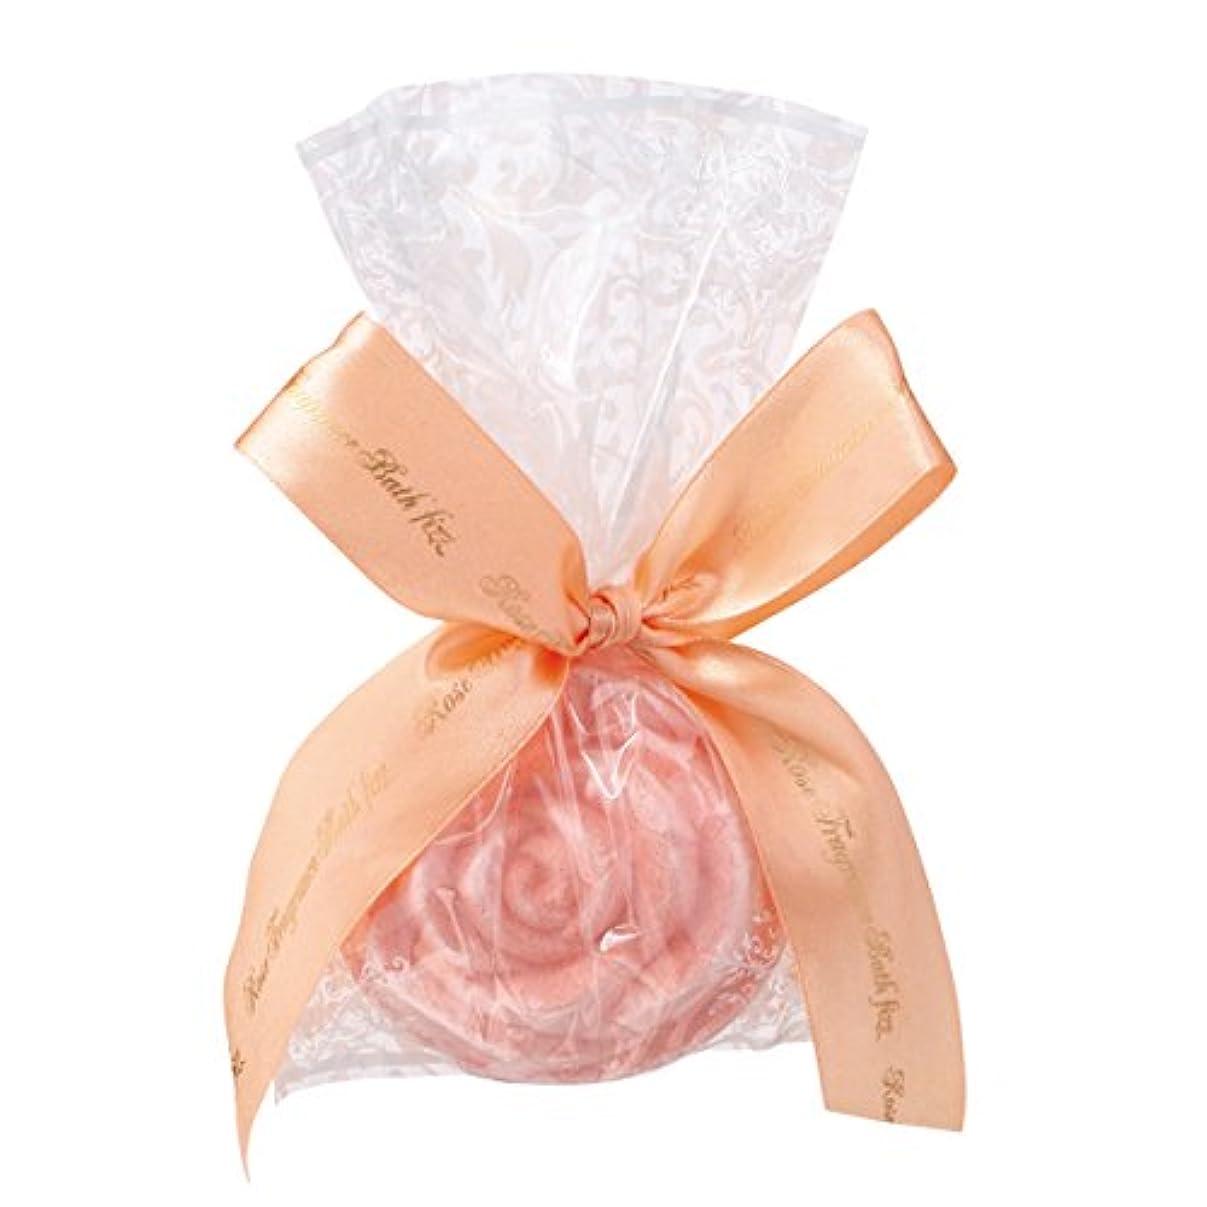 それぞれ勉強するつぼみ(内野)UCHINO ノルコーポレーション ローズフレグランスバスフィズ(ラビングローズの香り)